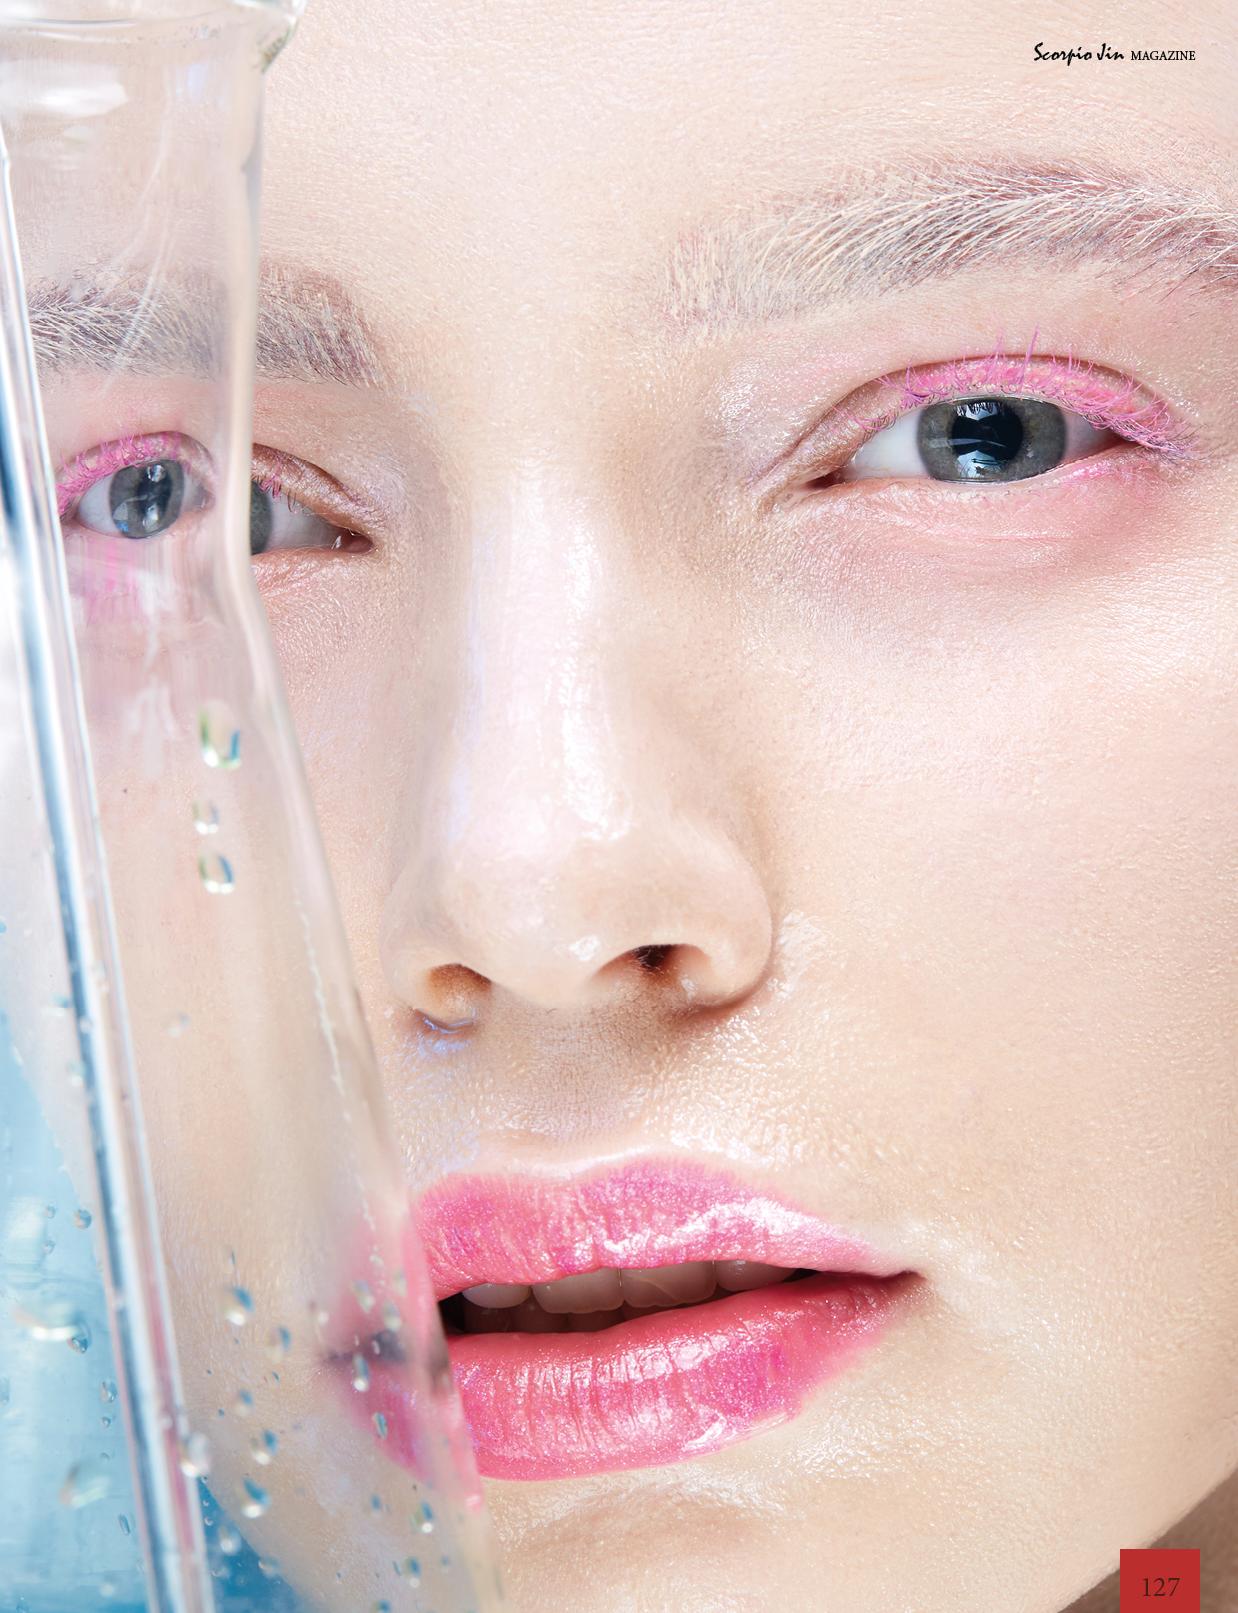 Scorpio Jin Magazine Vol24